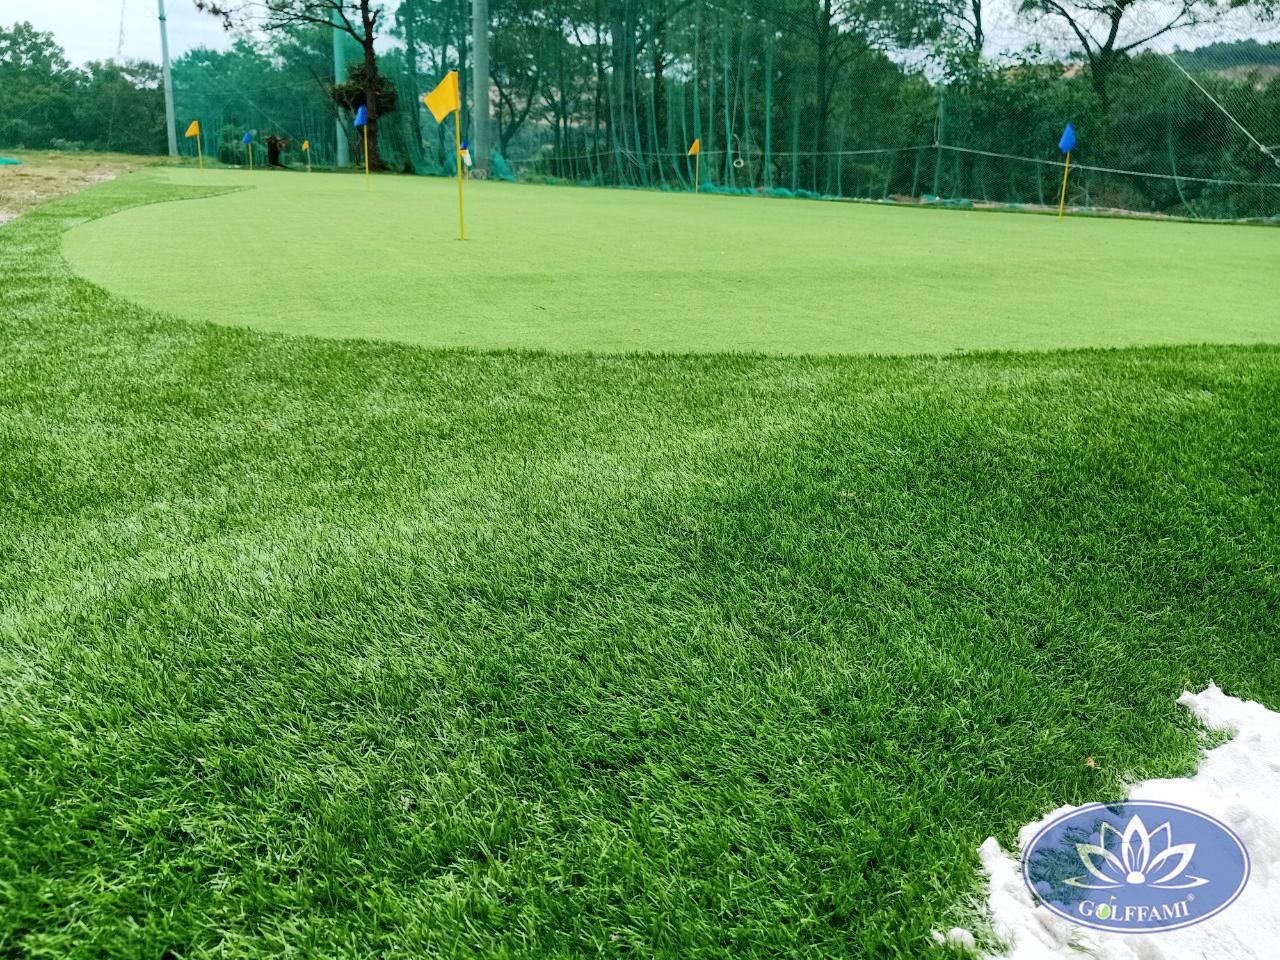 Thi công cỏ sân golf chuyên nghiệp